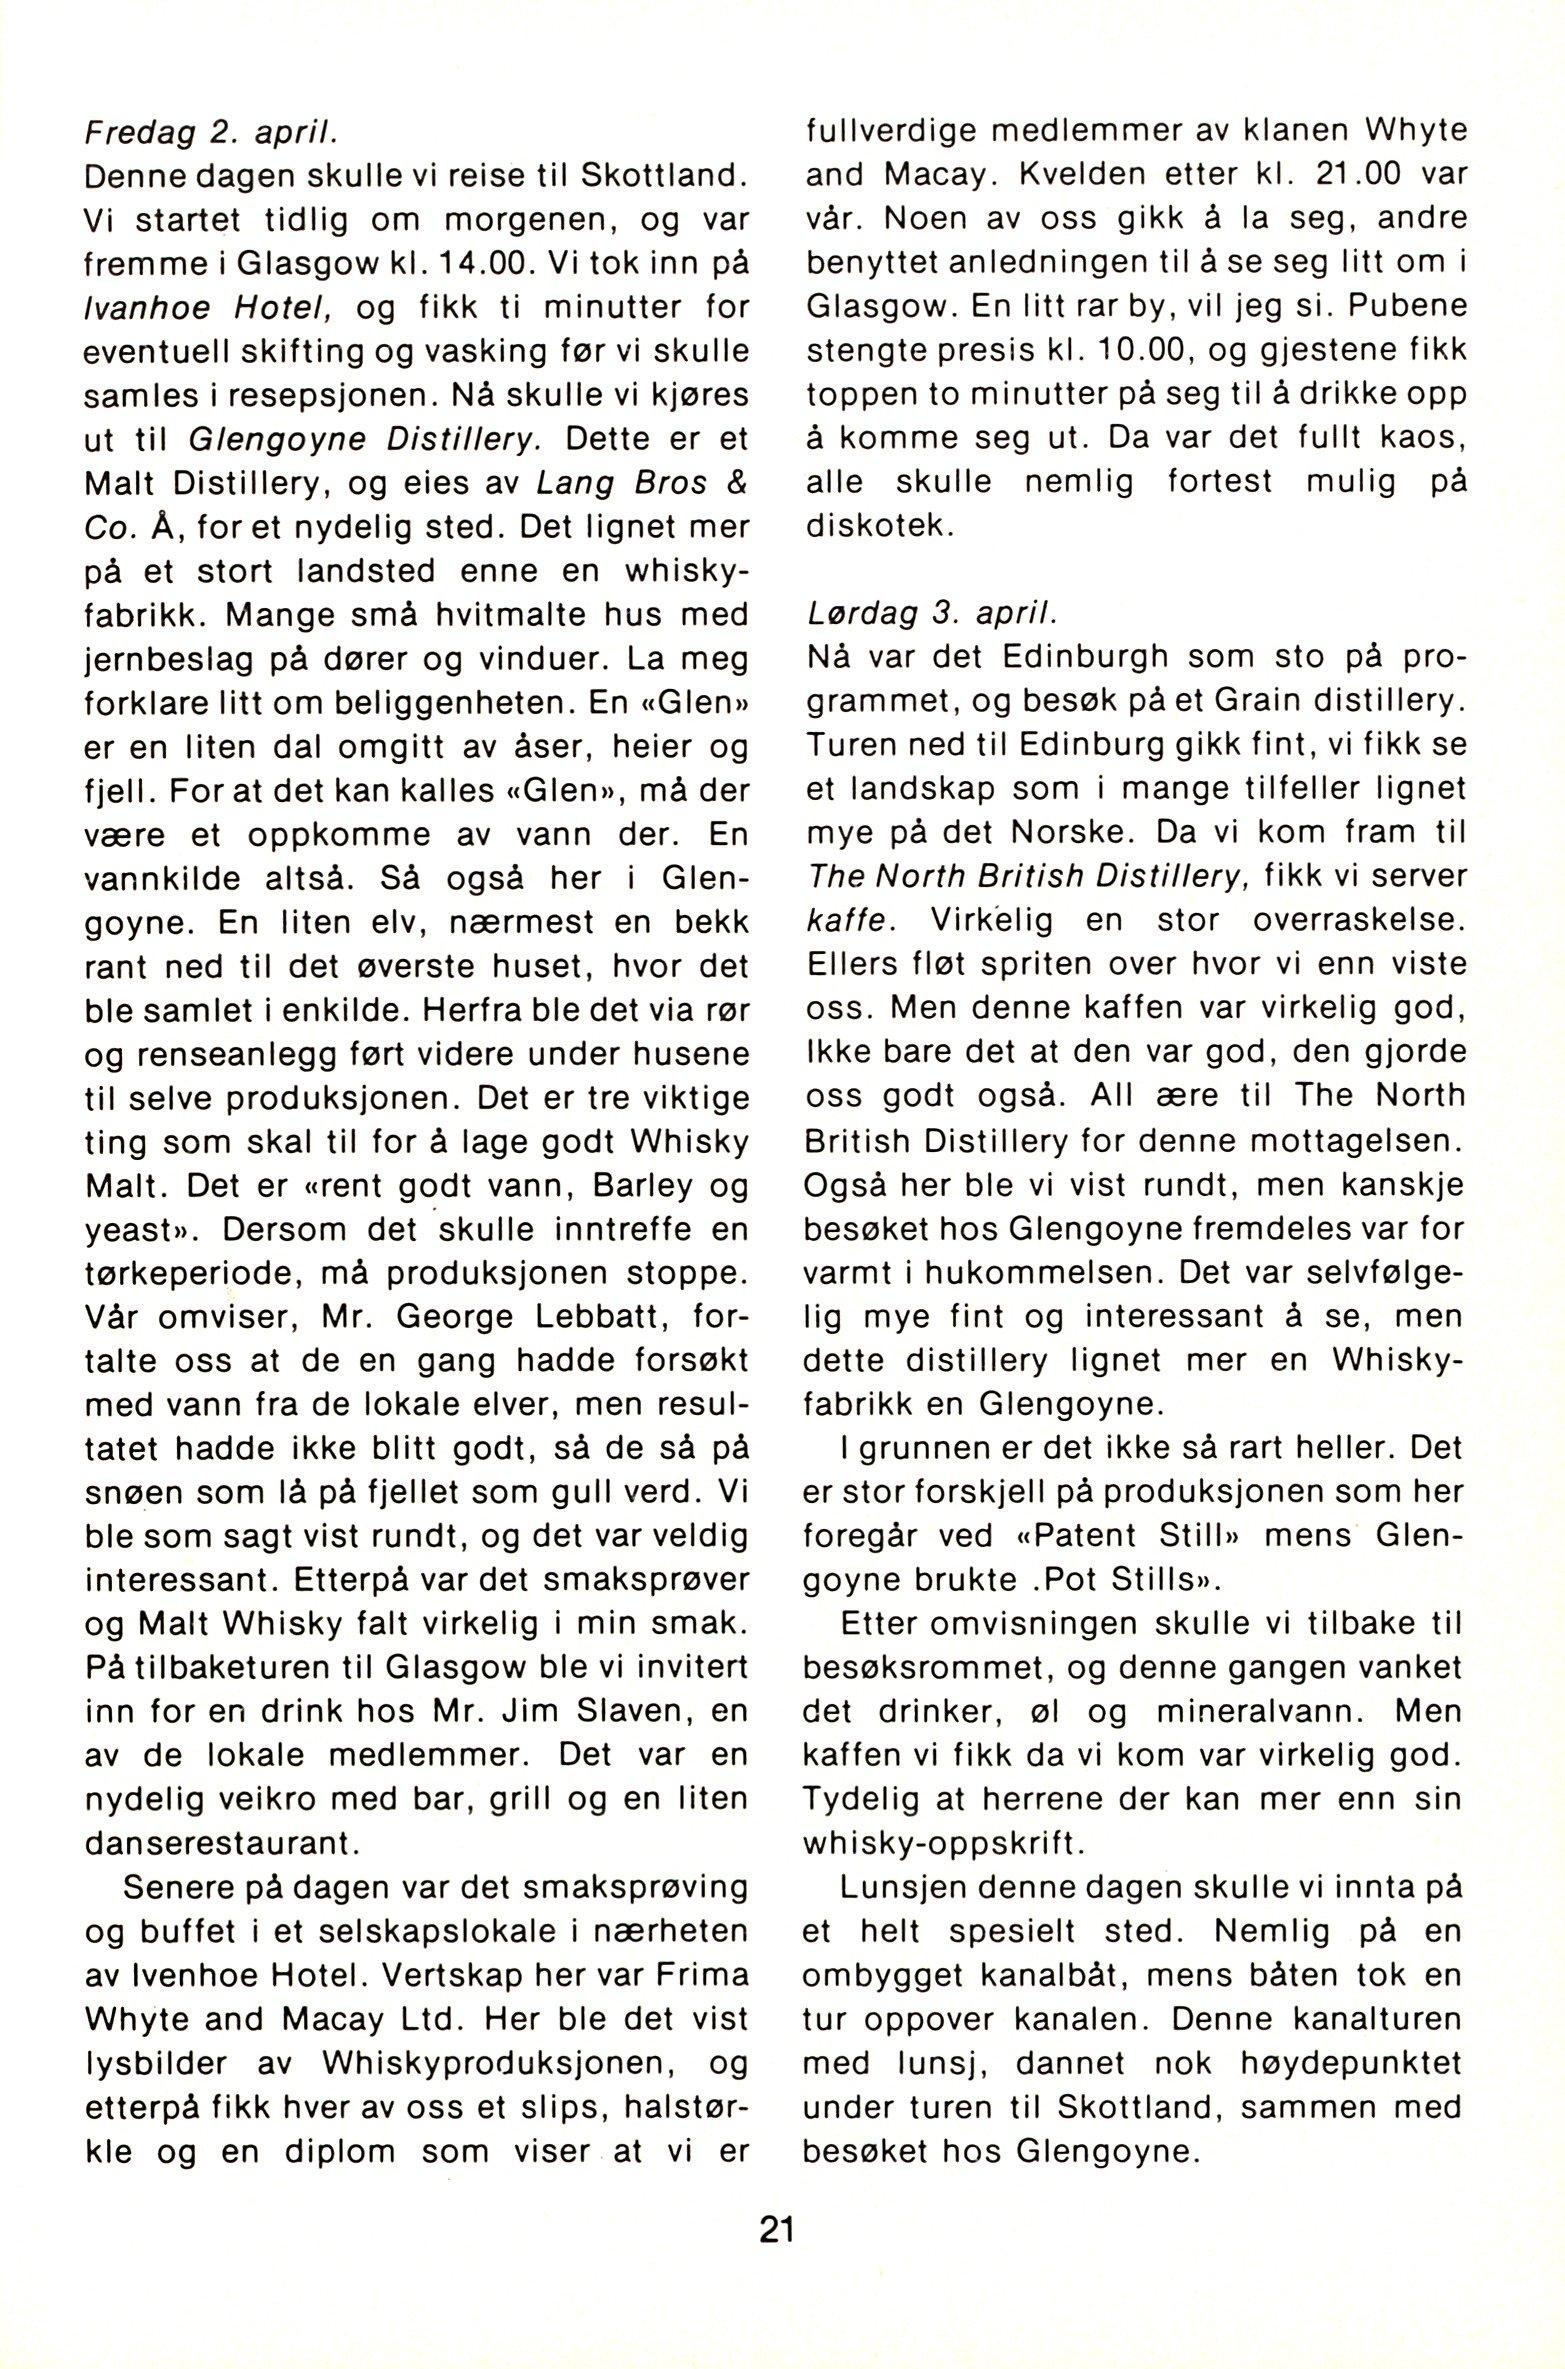 NB 1976 ÅRGANG 1 | Nr. 1 | Side 21